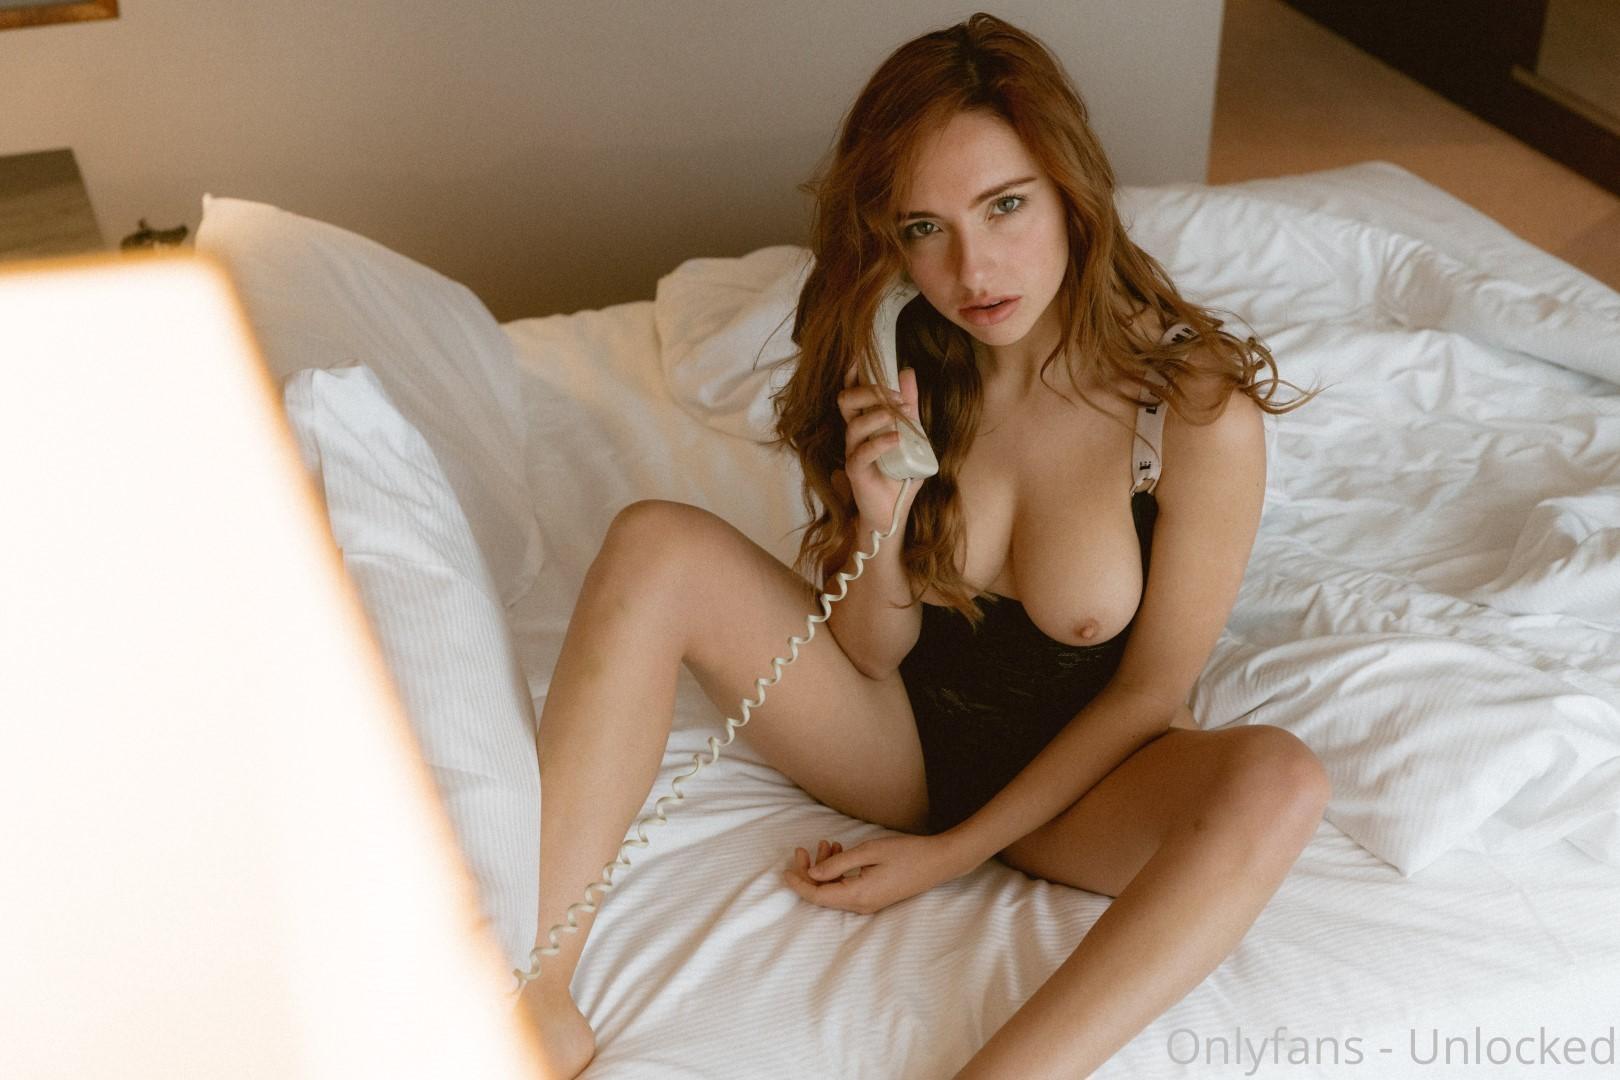 Sophiasselfies, Sophia Blake, Unlocked, Onlyfans Leaked Nude Video 0077